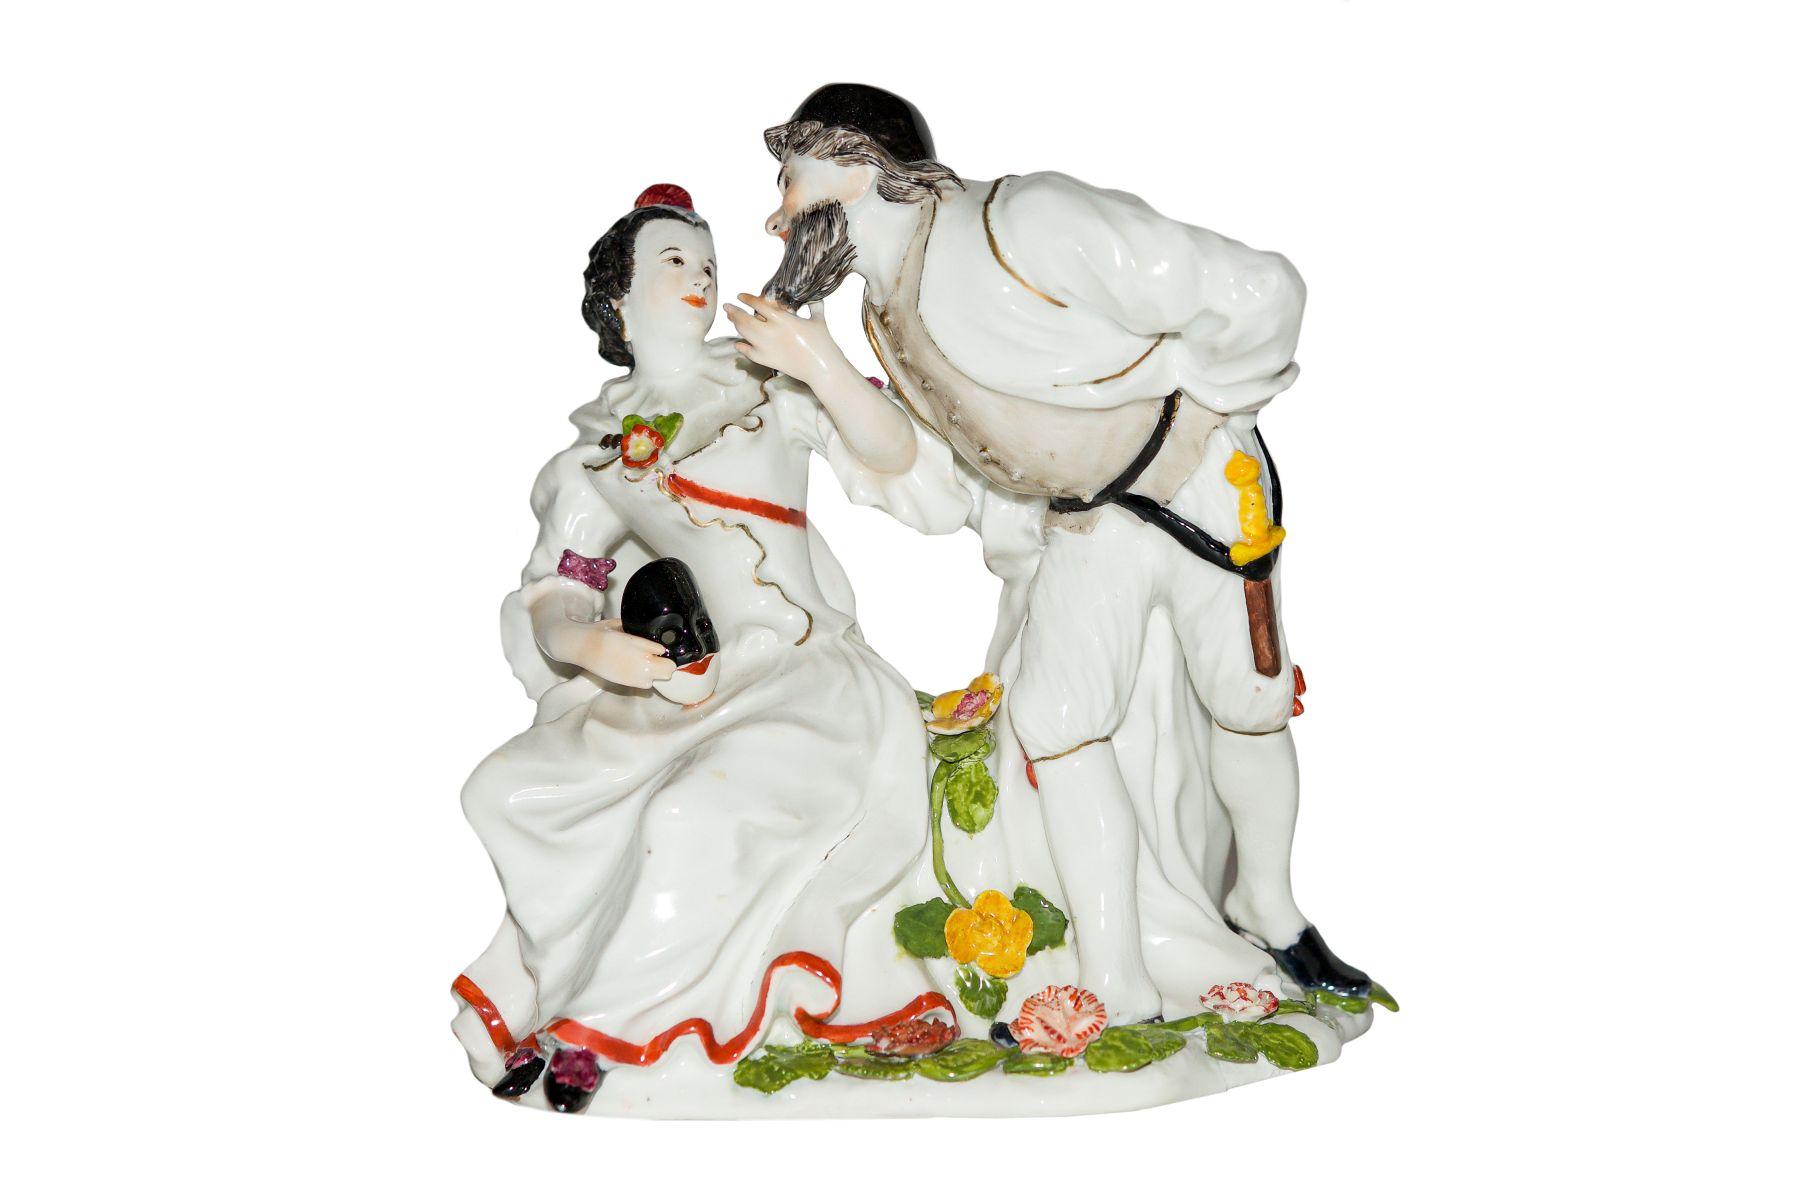 #150 Groupe de comédie de la Commedia dell`Arte, Meissen |Komödiantengruppe aus der Commedia dell`Arte, Meissen Image